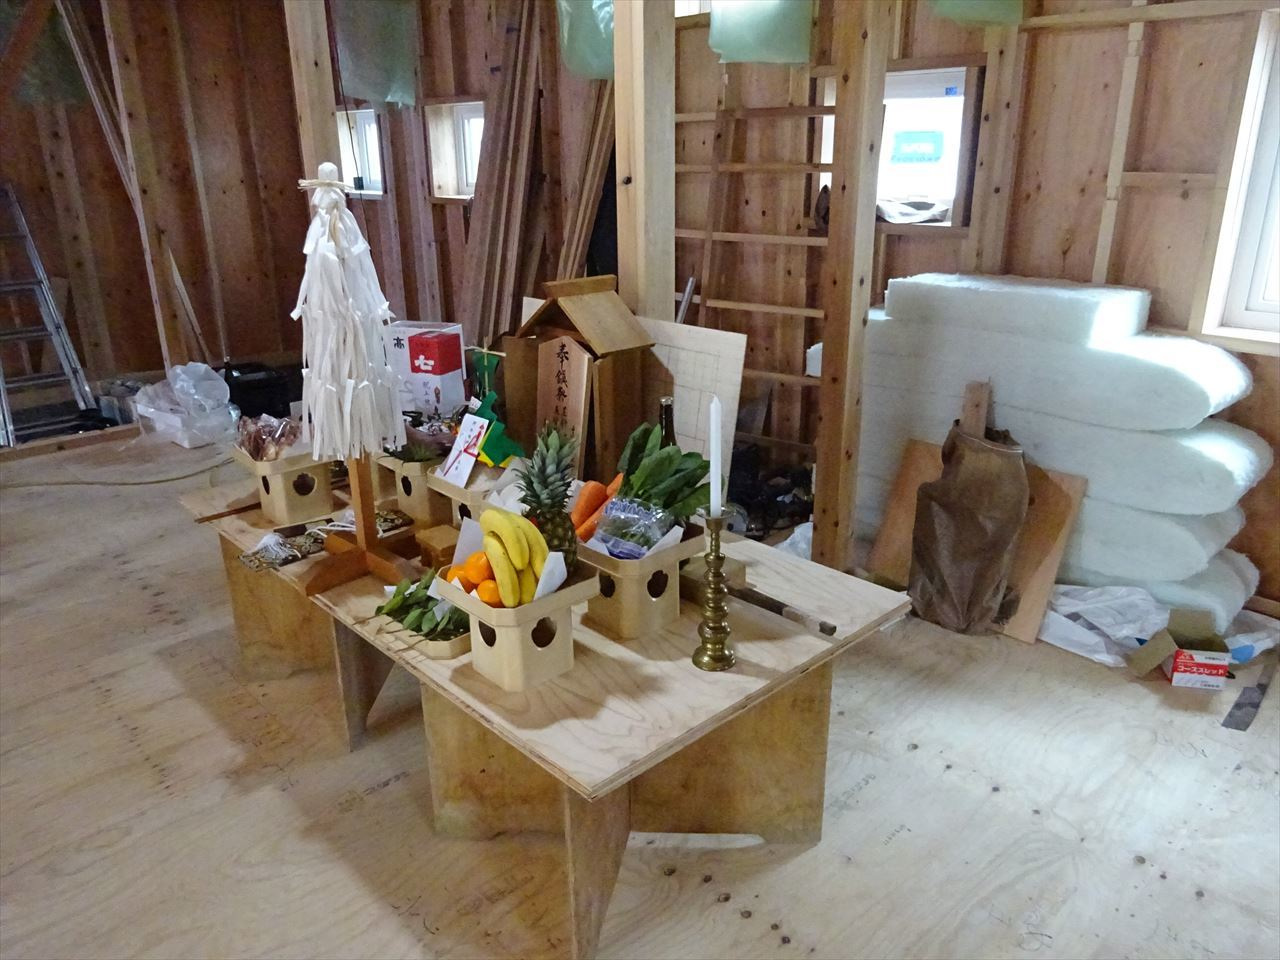 田沢湖の家 上棟式を執り行いました!_f0105112_16200701.jpg